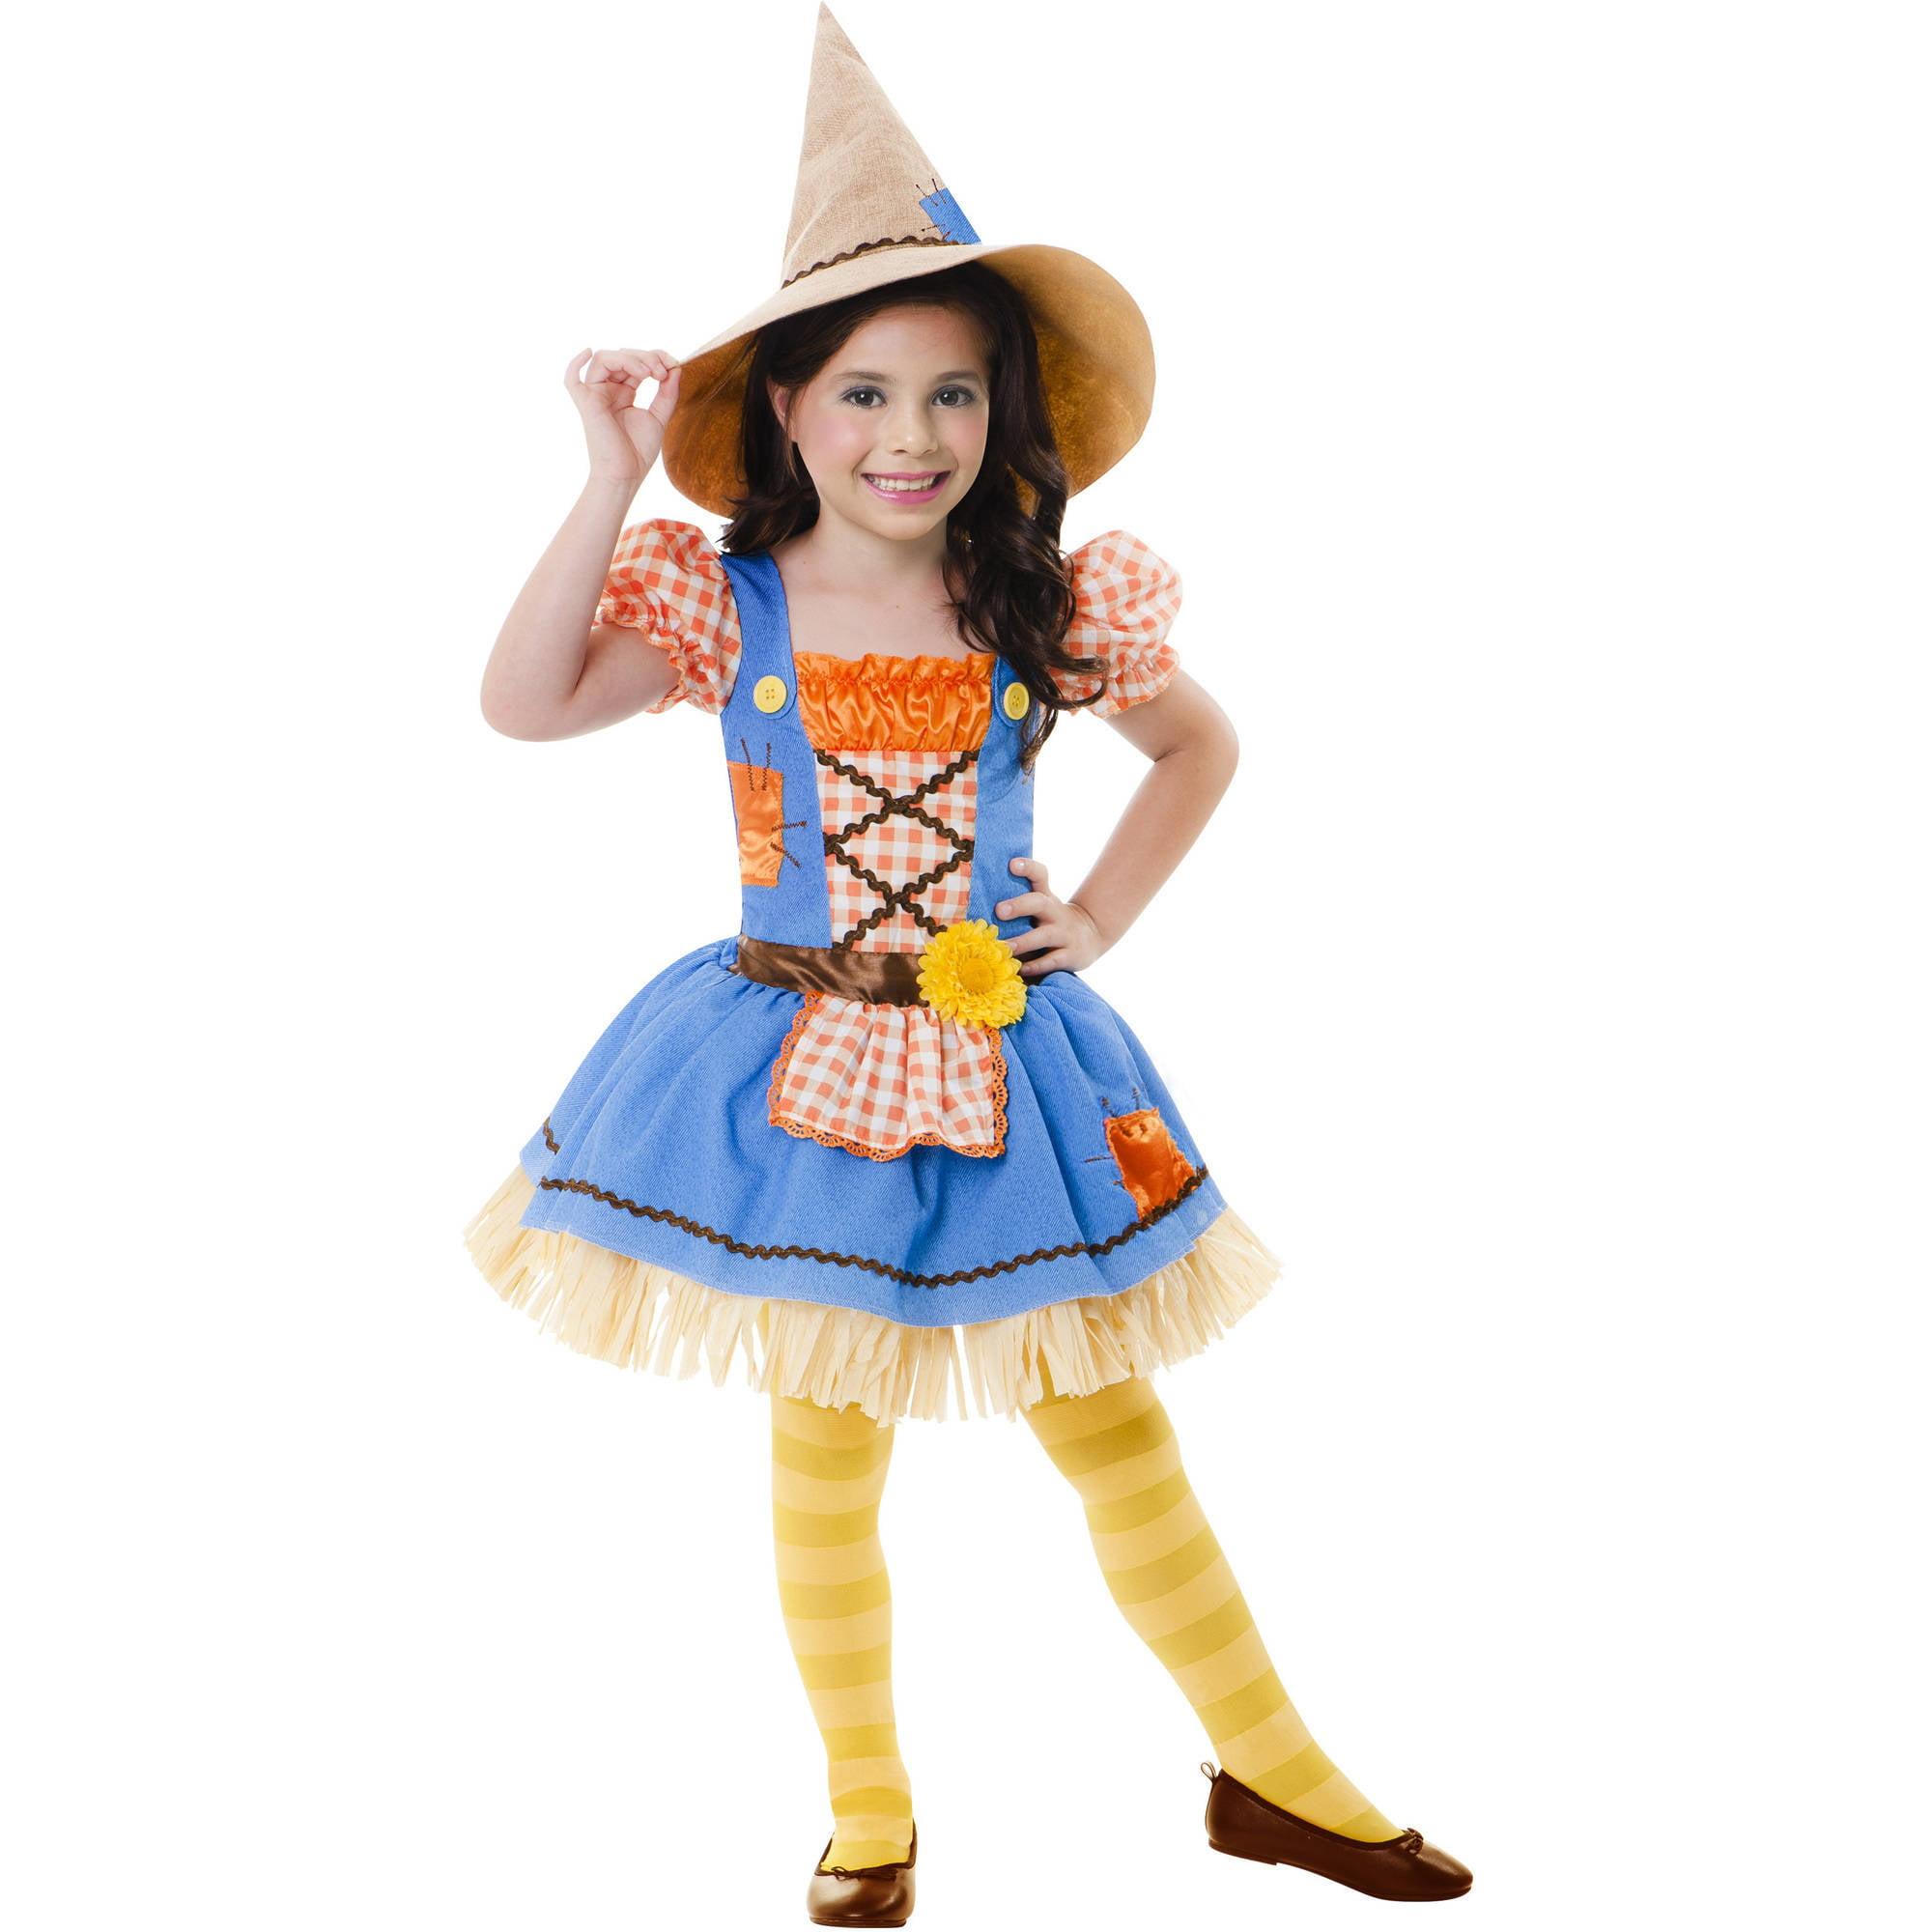 sc 1 st  Walmart & Scarecrow Sweetie Child Halloween Costume - Walmart.com